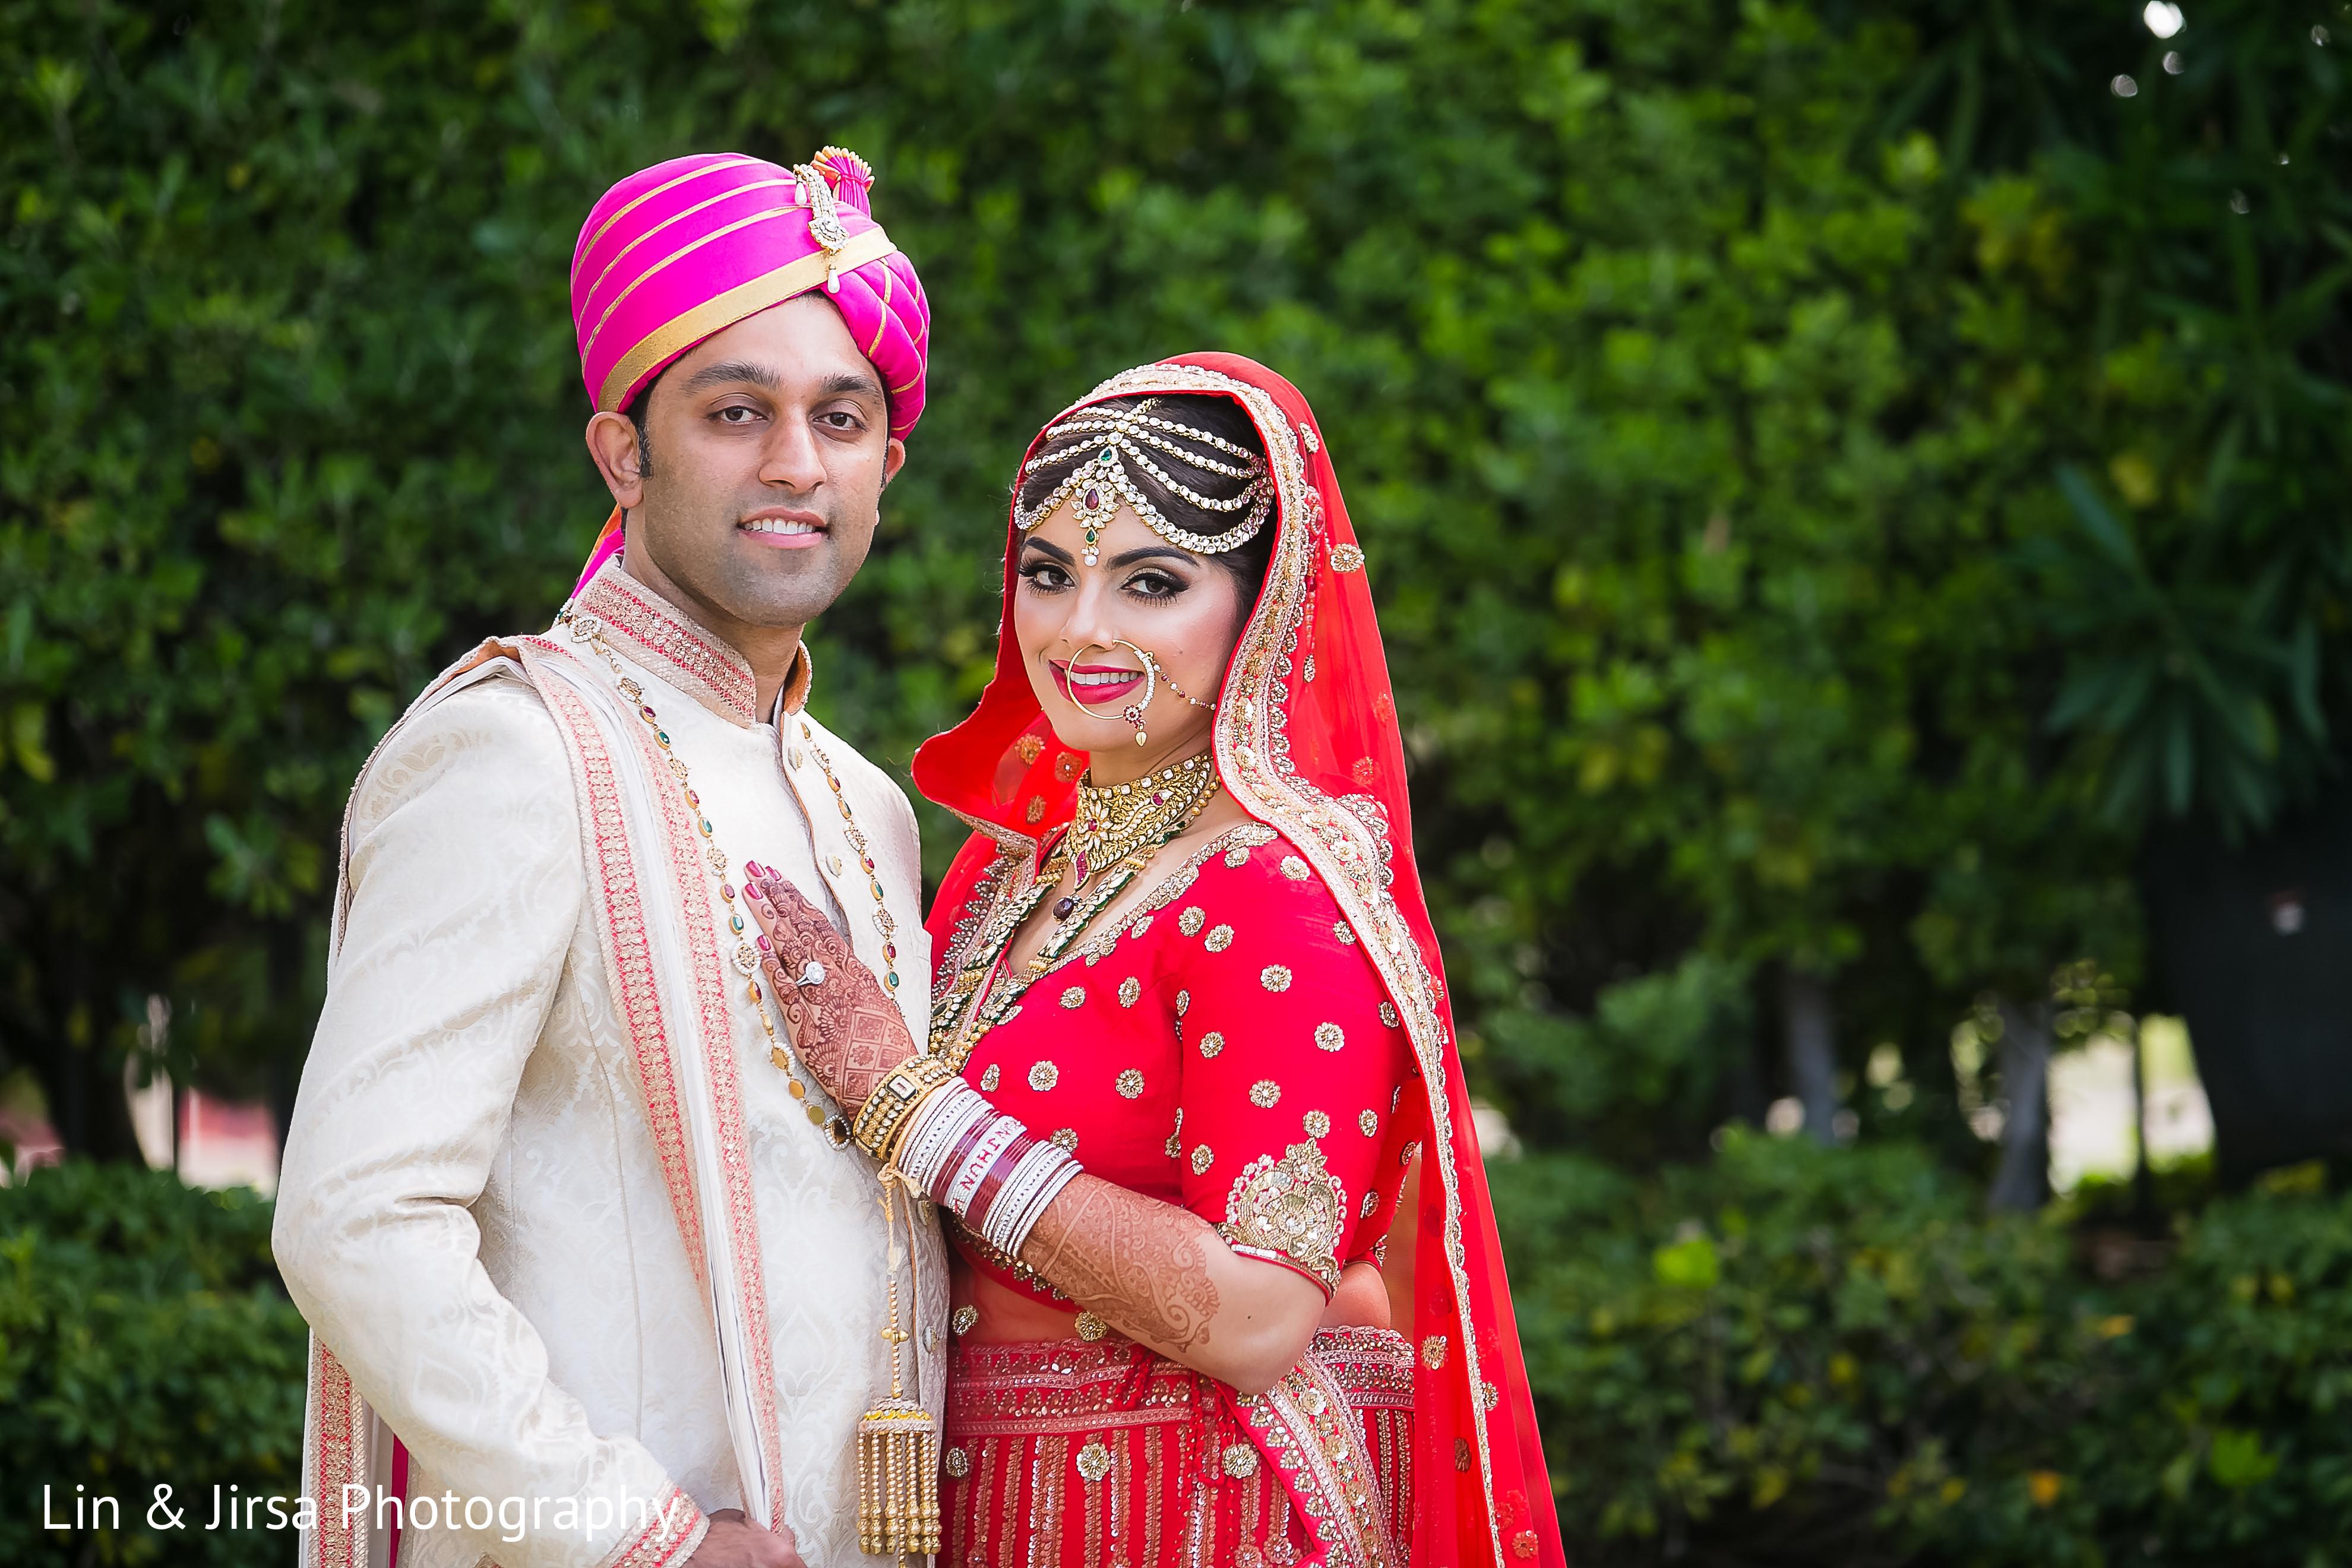 marina del rey ca indian wedding by lin jirsa photography maharani weddings